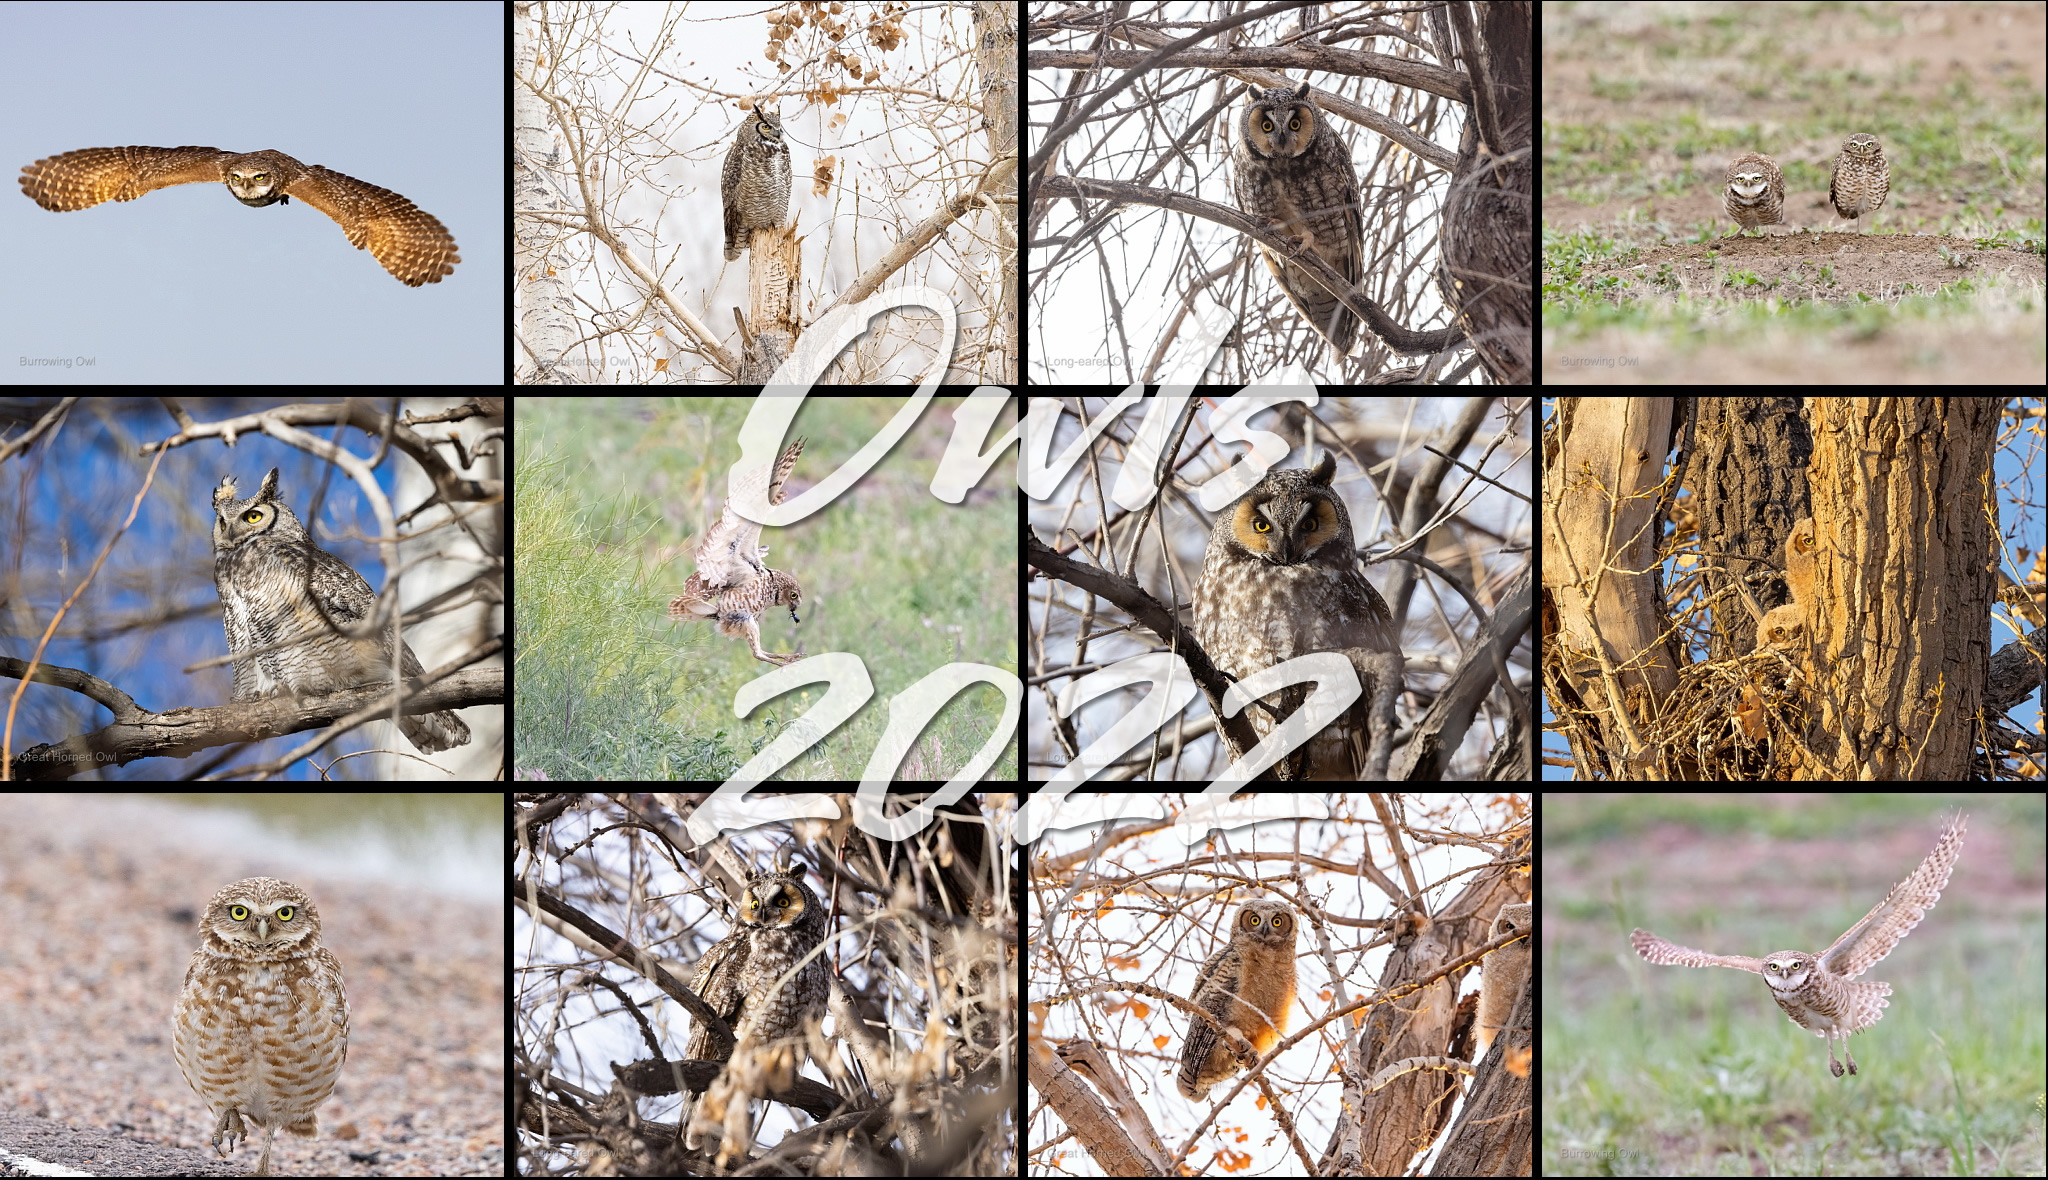 Owls 2022 calendar